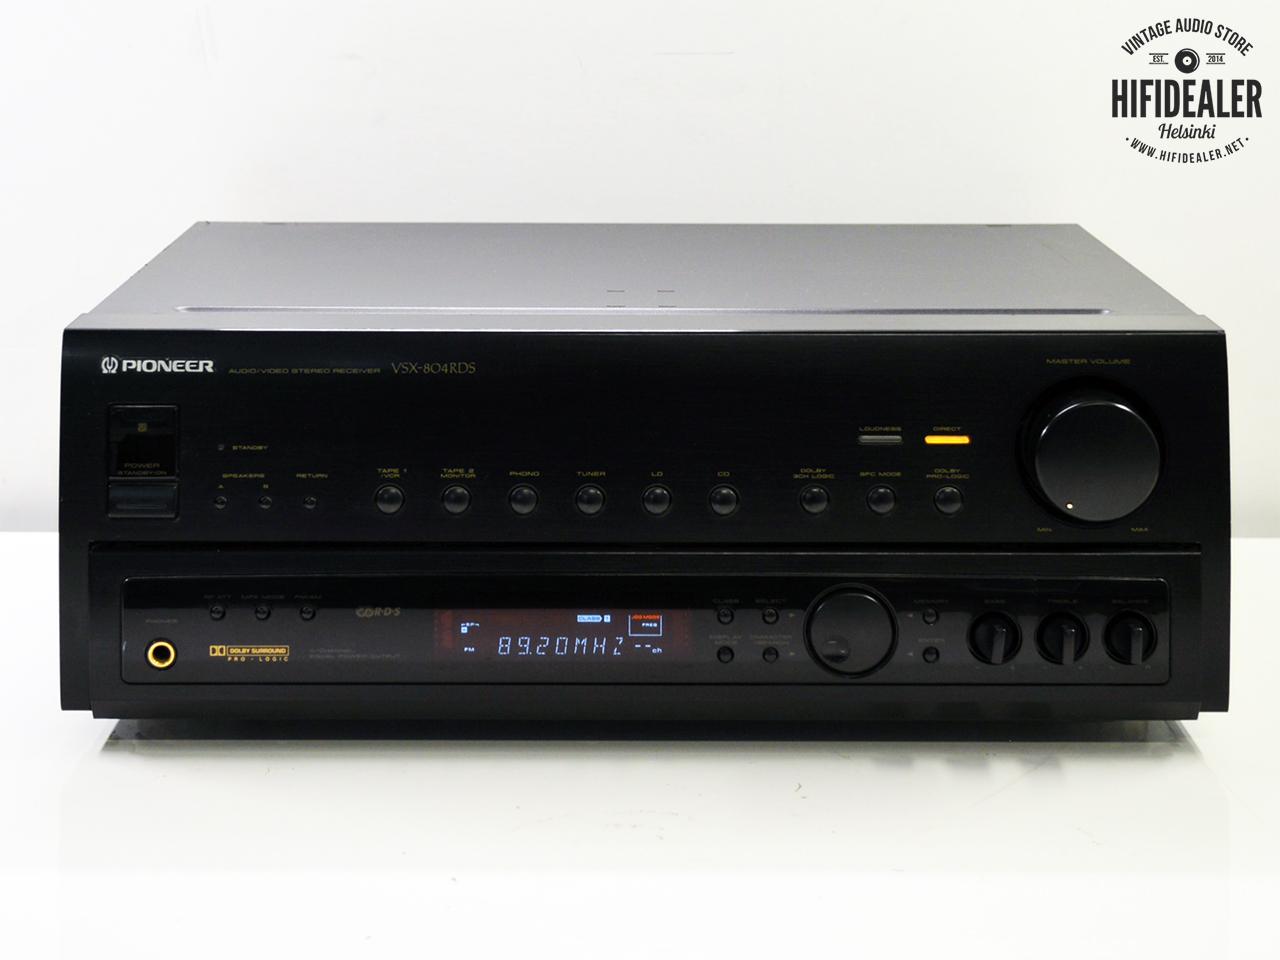 pioneer_vsx-804rds